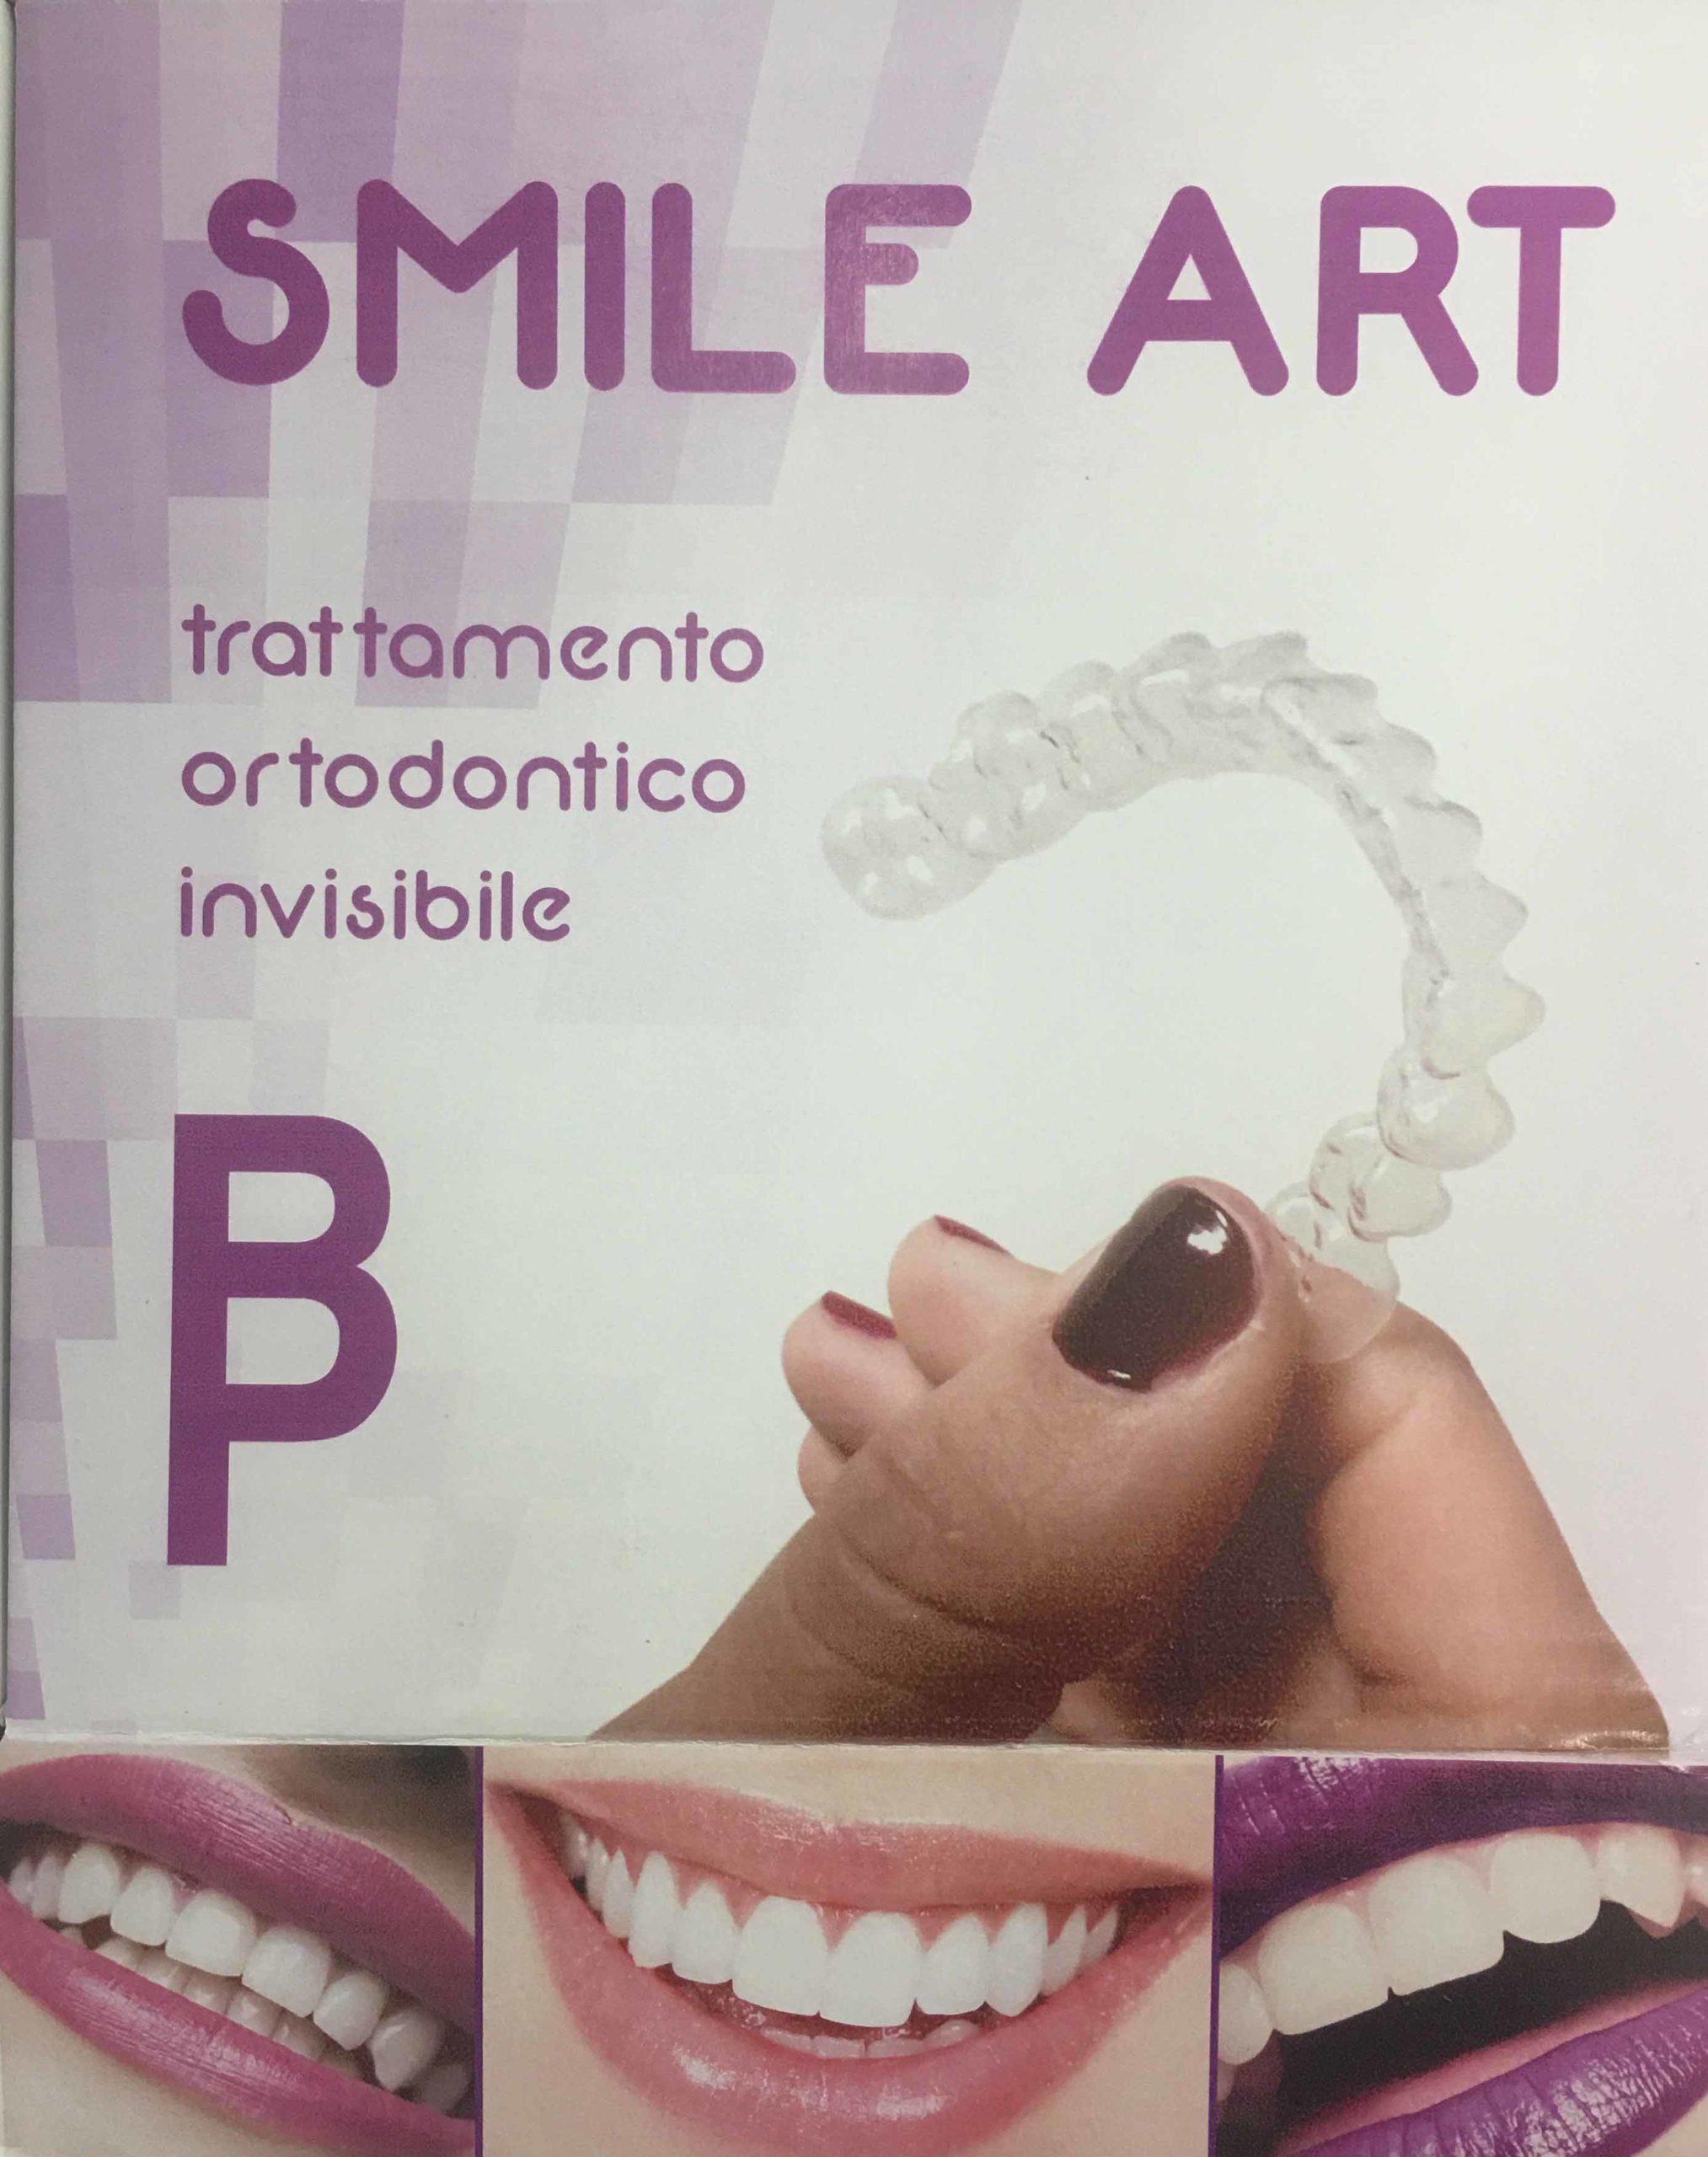 smile art trattamento ortodontico invisibile